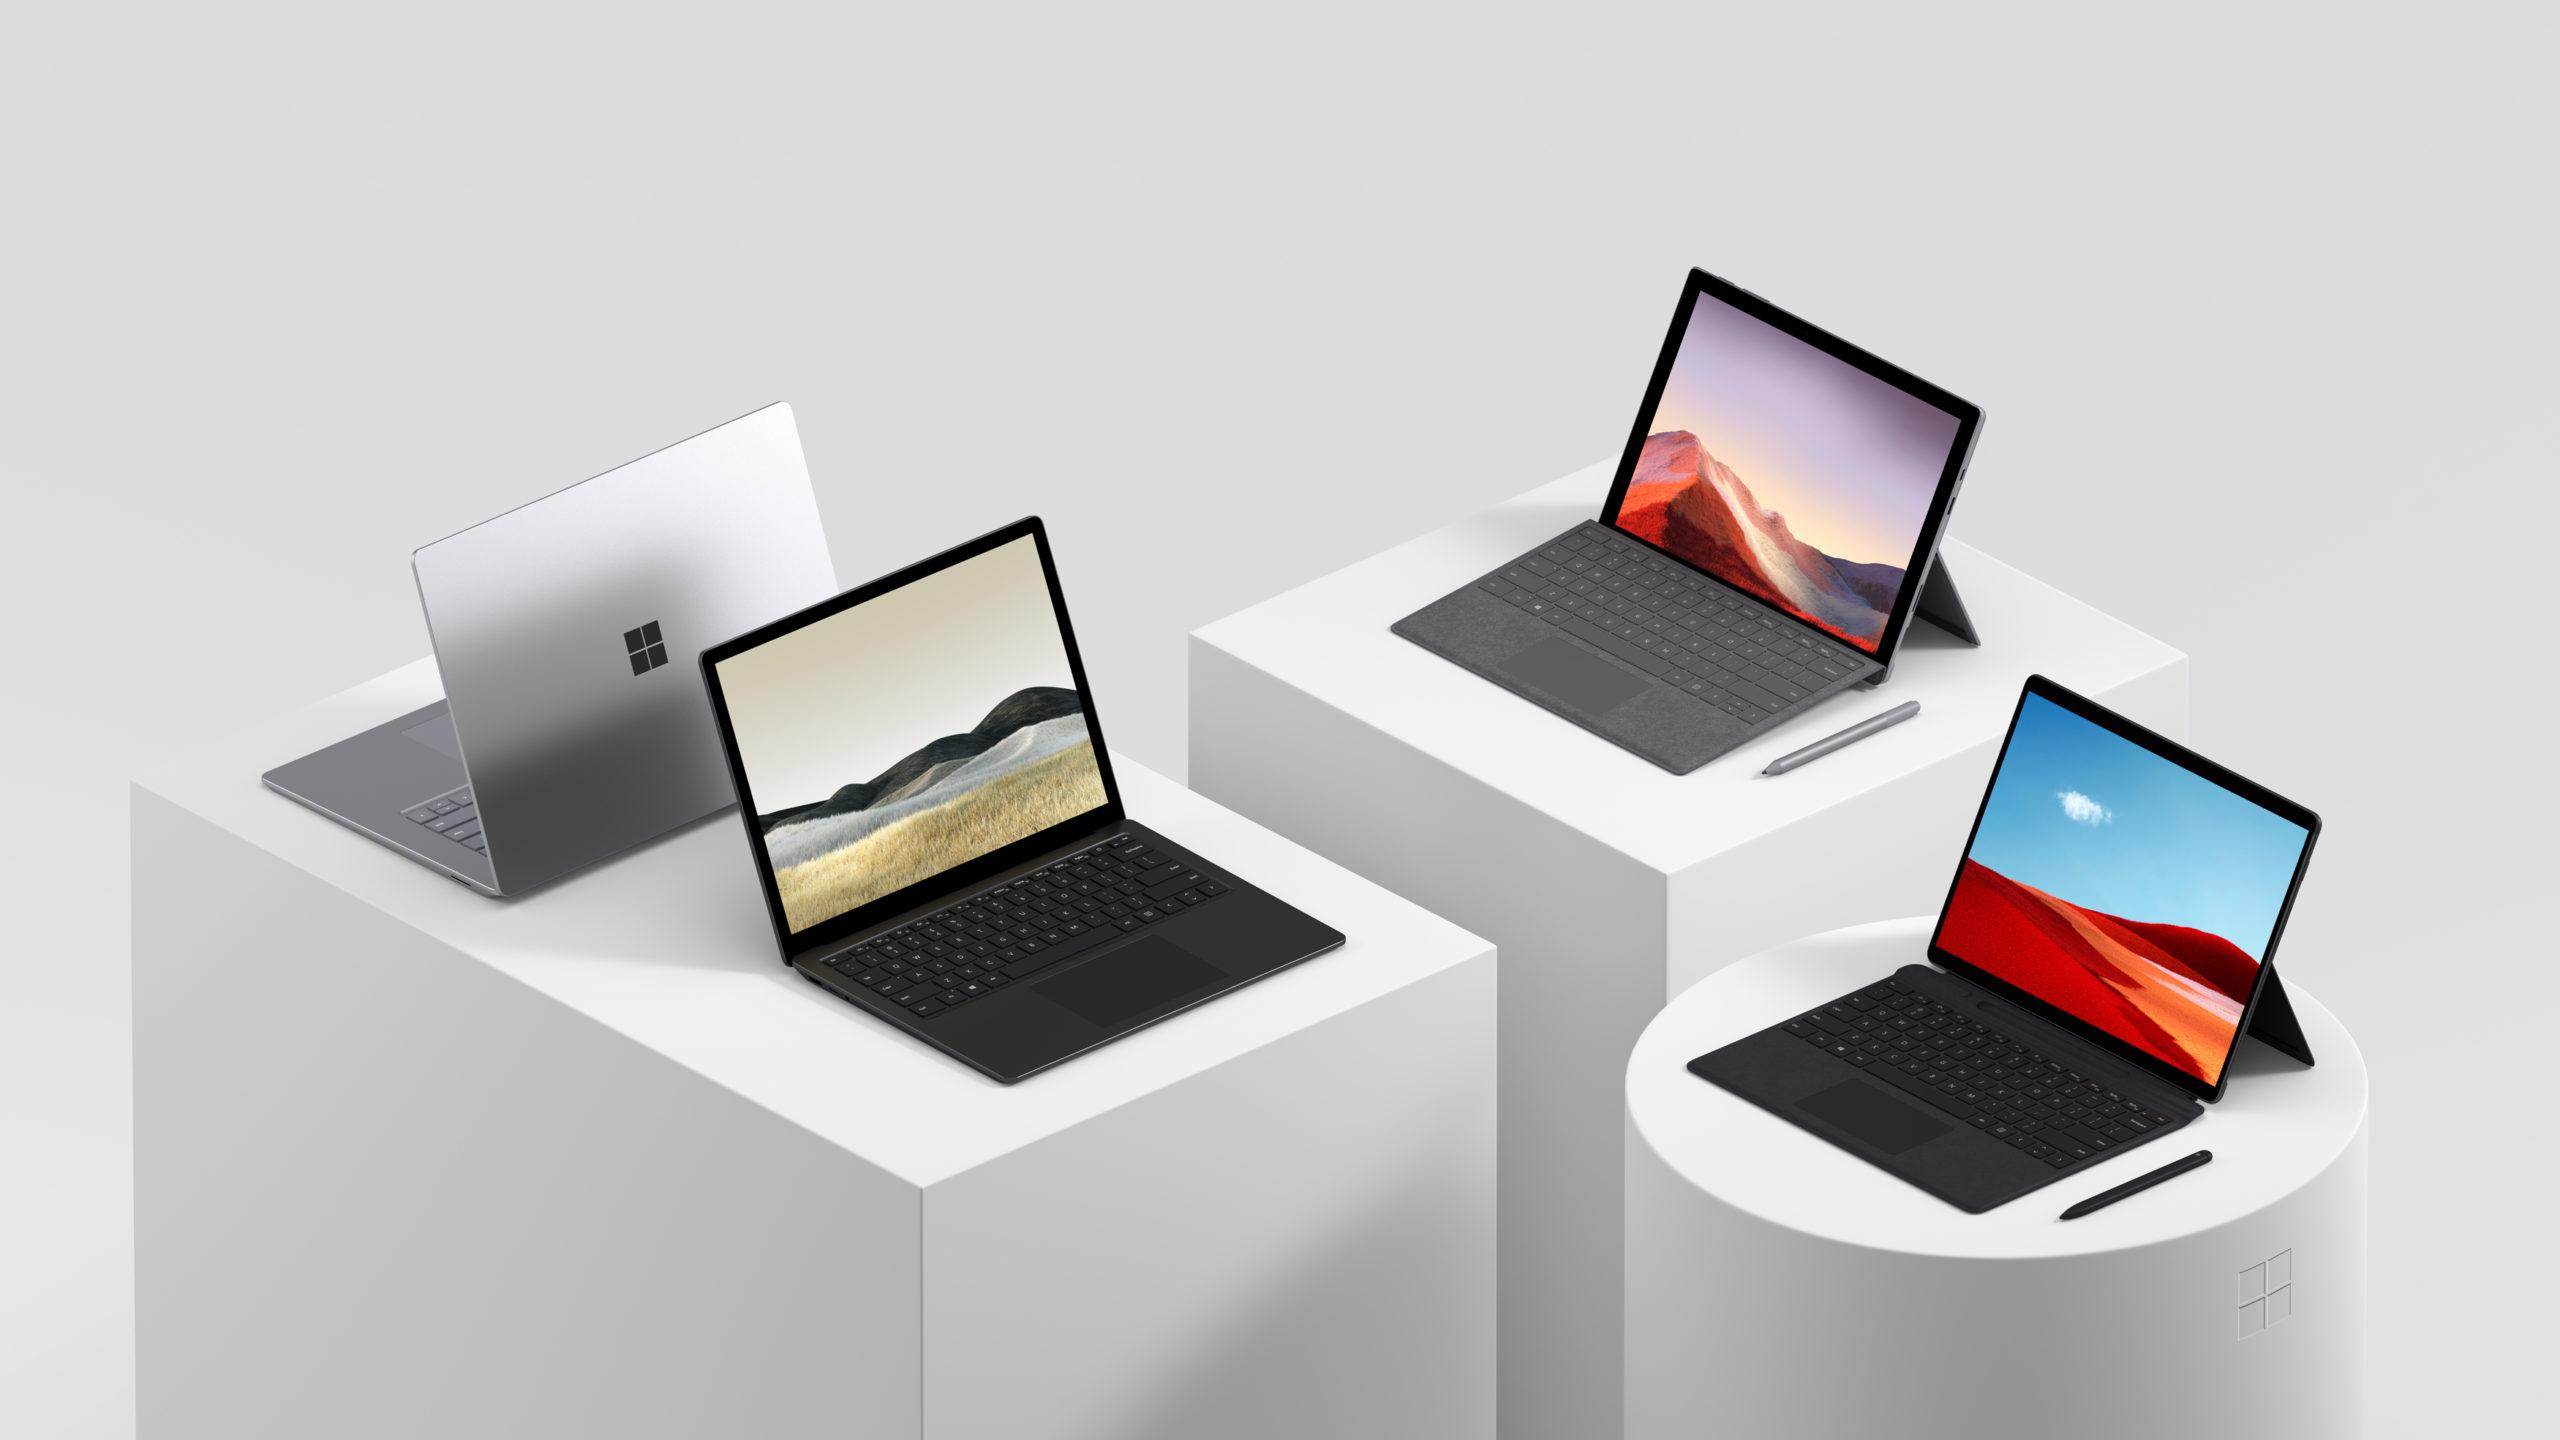 Microsoft Surface Nào Đáng Mua Nhất Dành Cho Bạn? - Mac 365